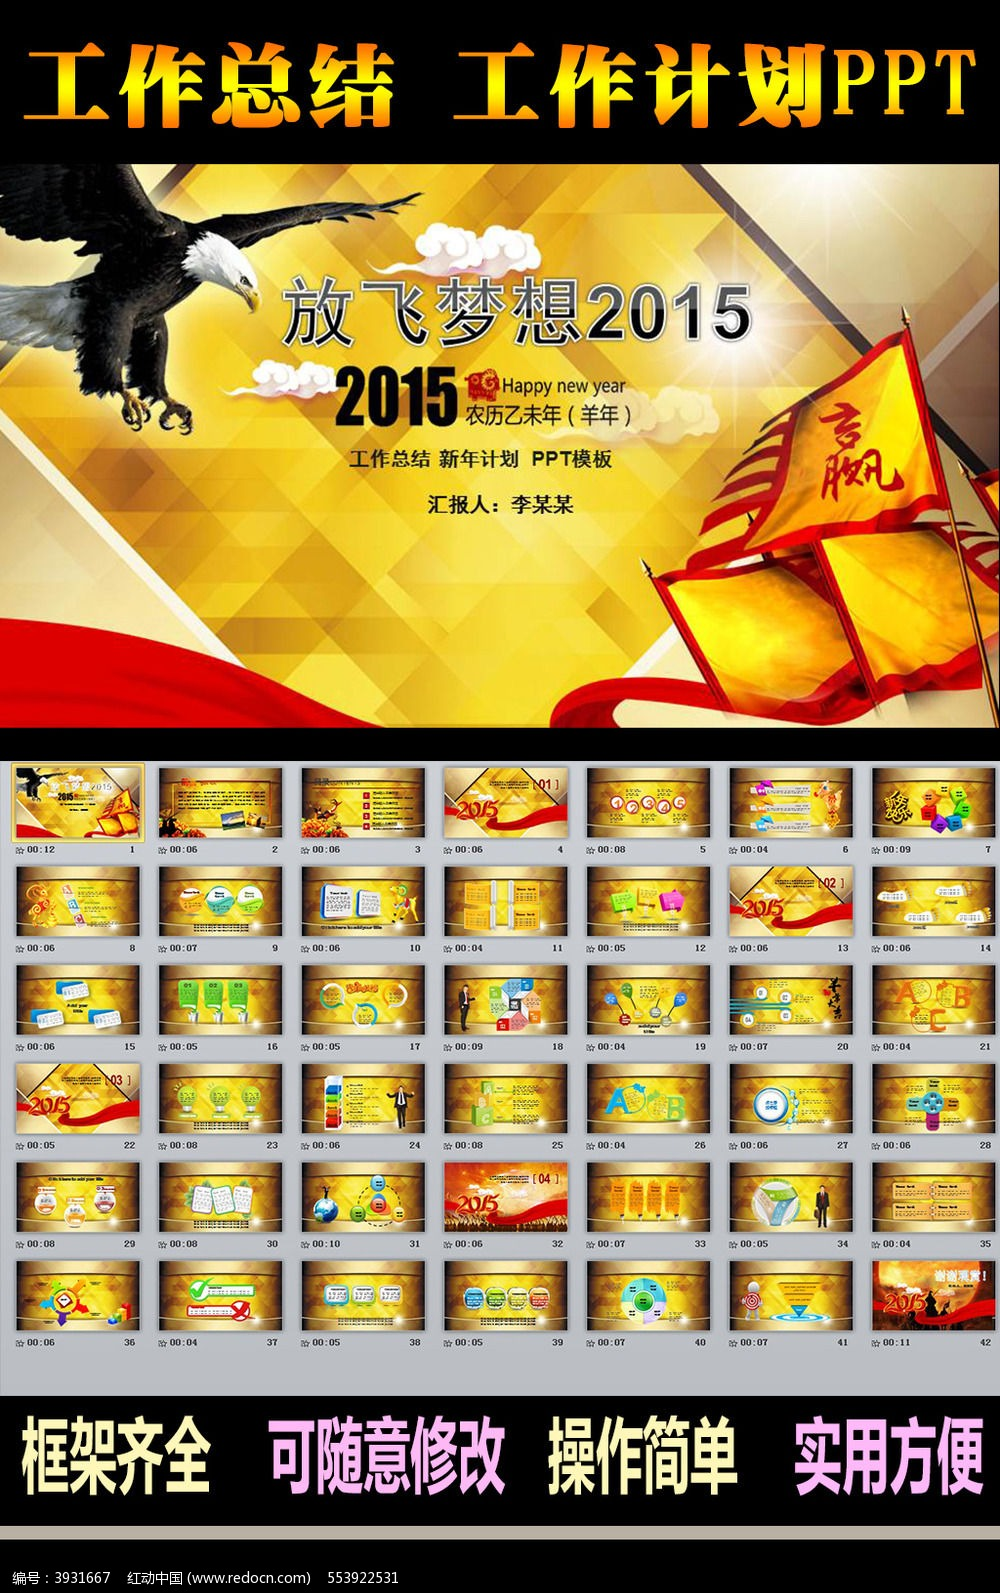 标签:放飞梦想2015工作计划年终总结PPT图片下载 2015 年终总结 图片